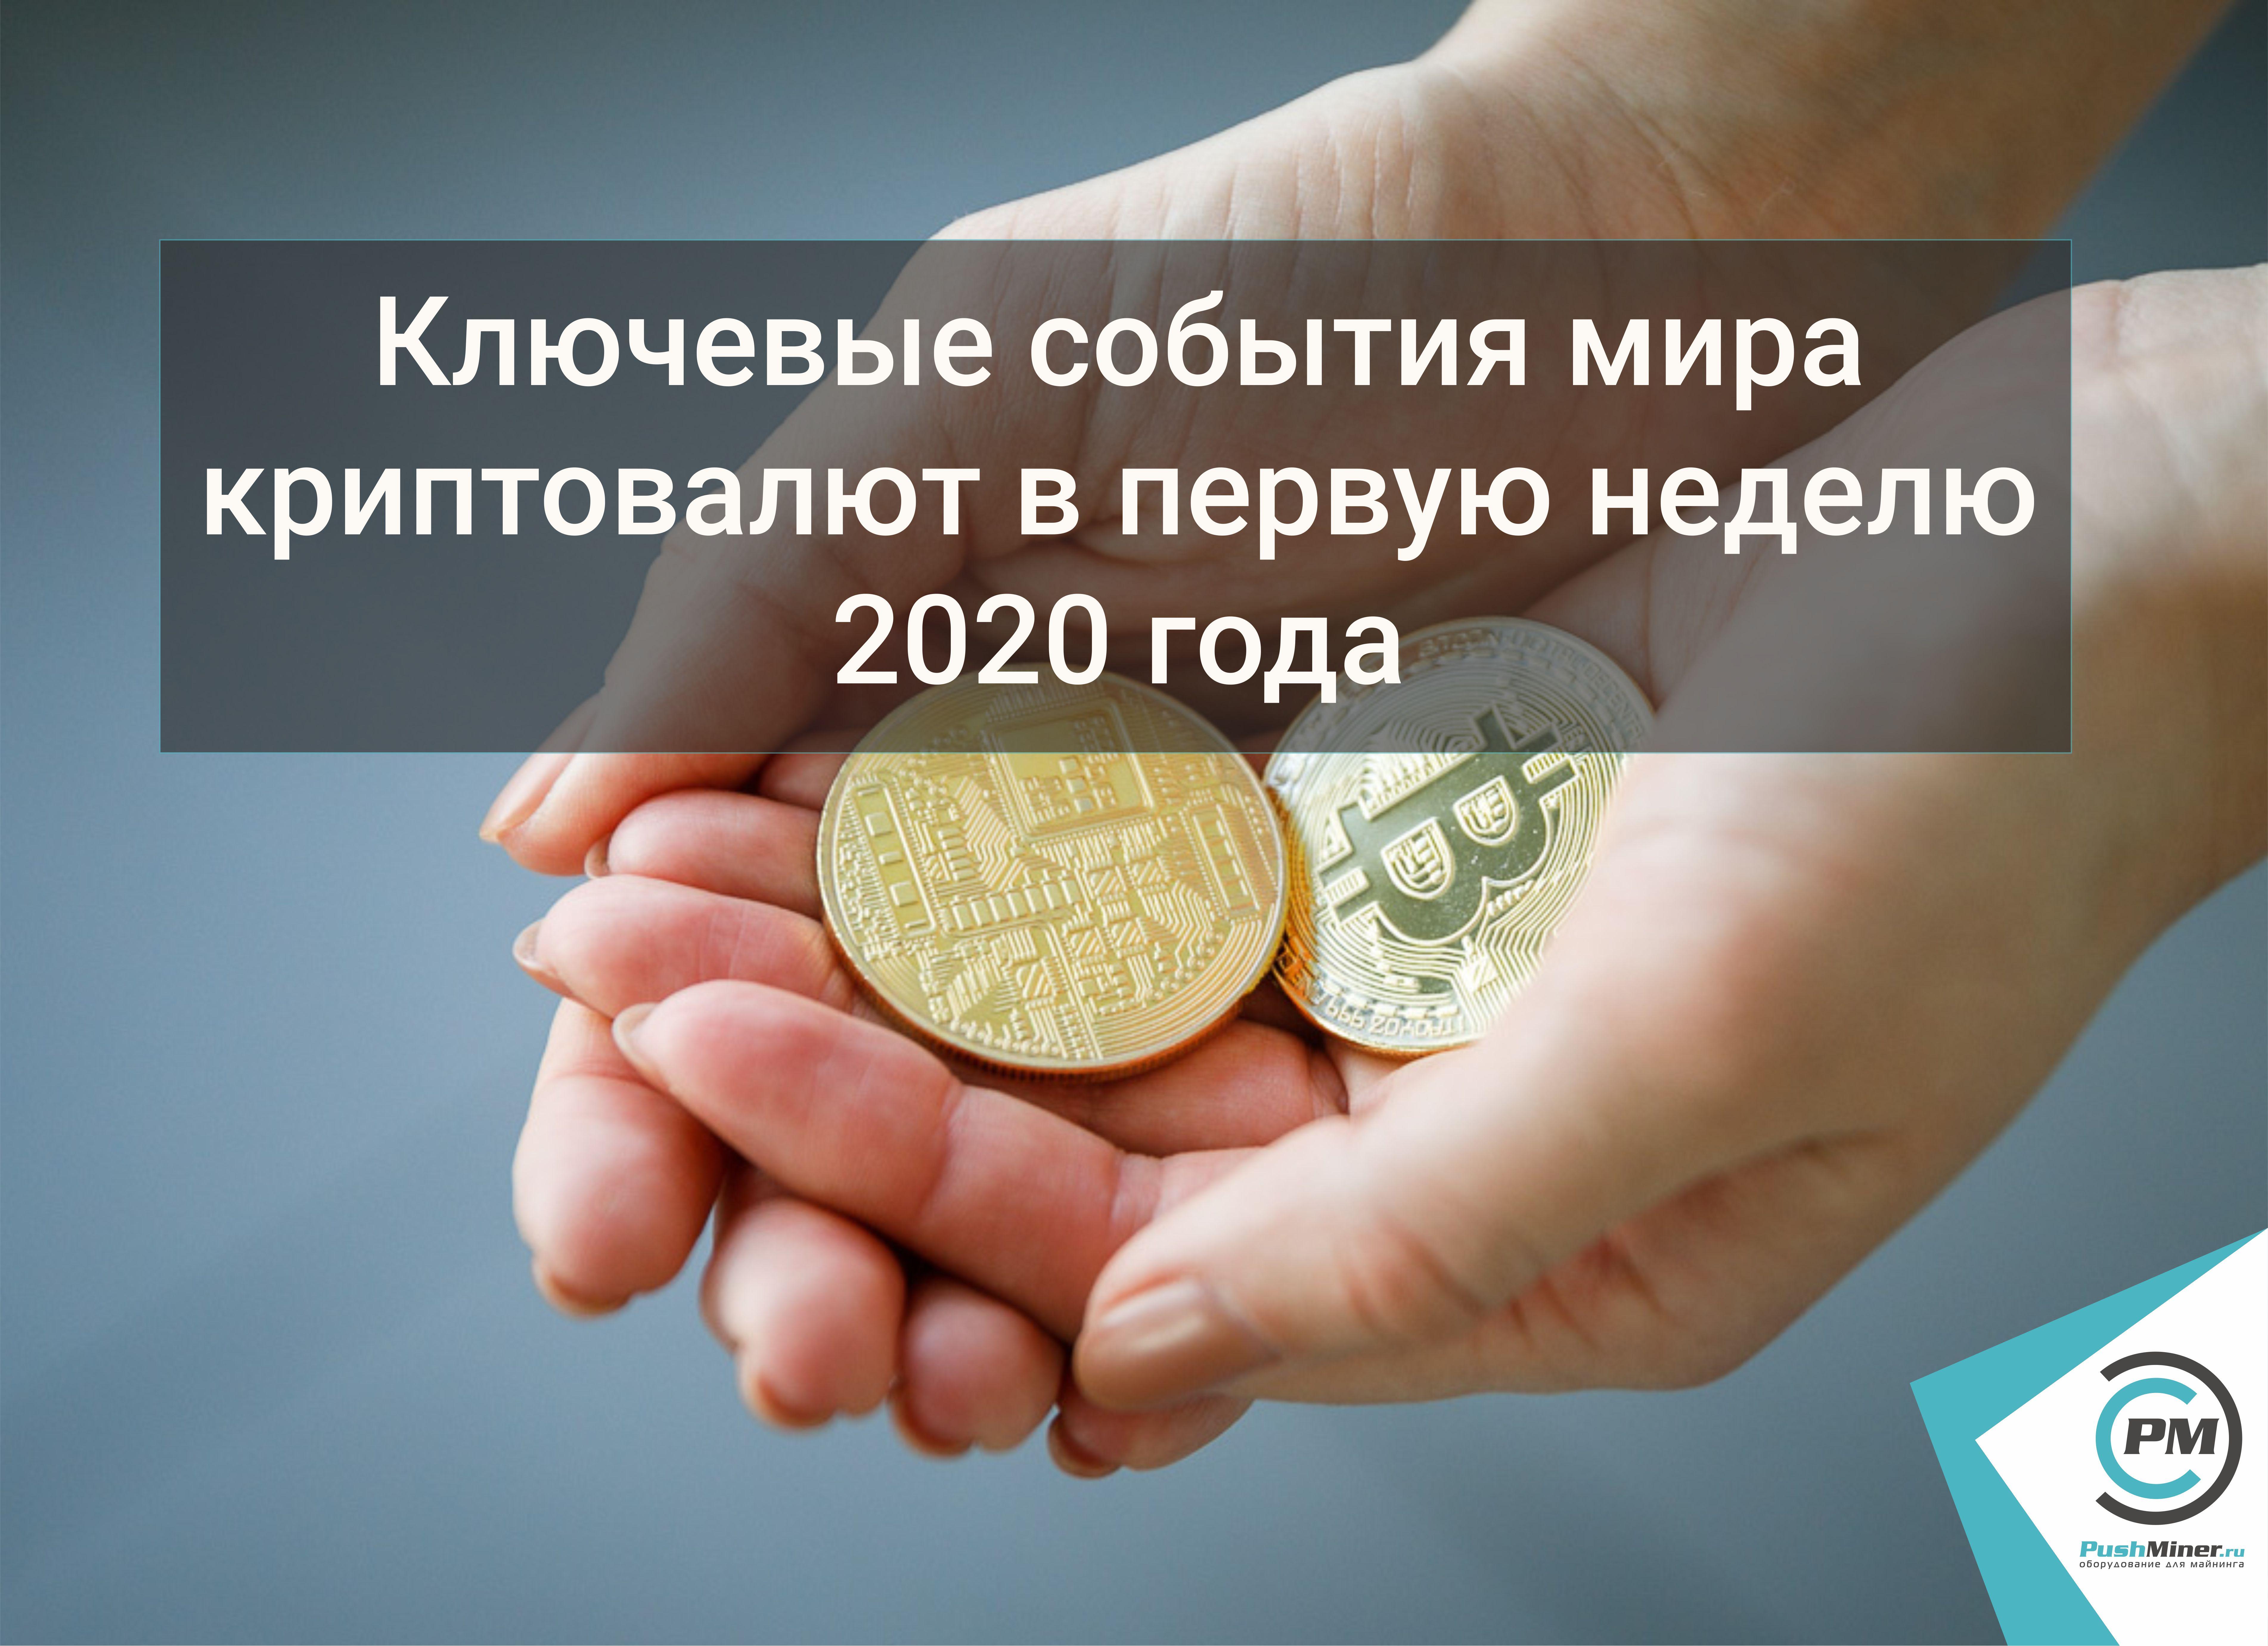 Ключевые события мира криптовалют в первую неделю 2020 года